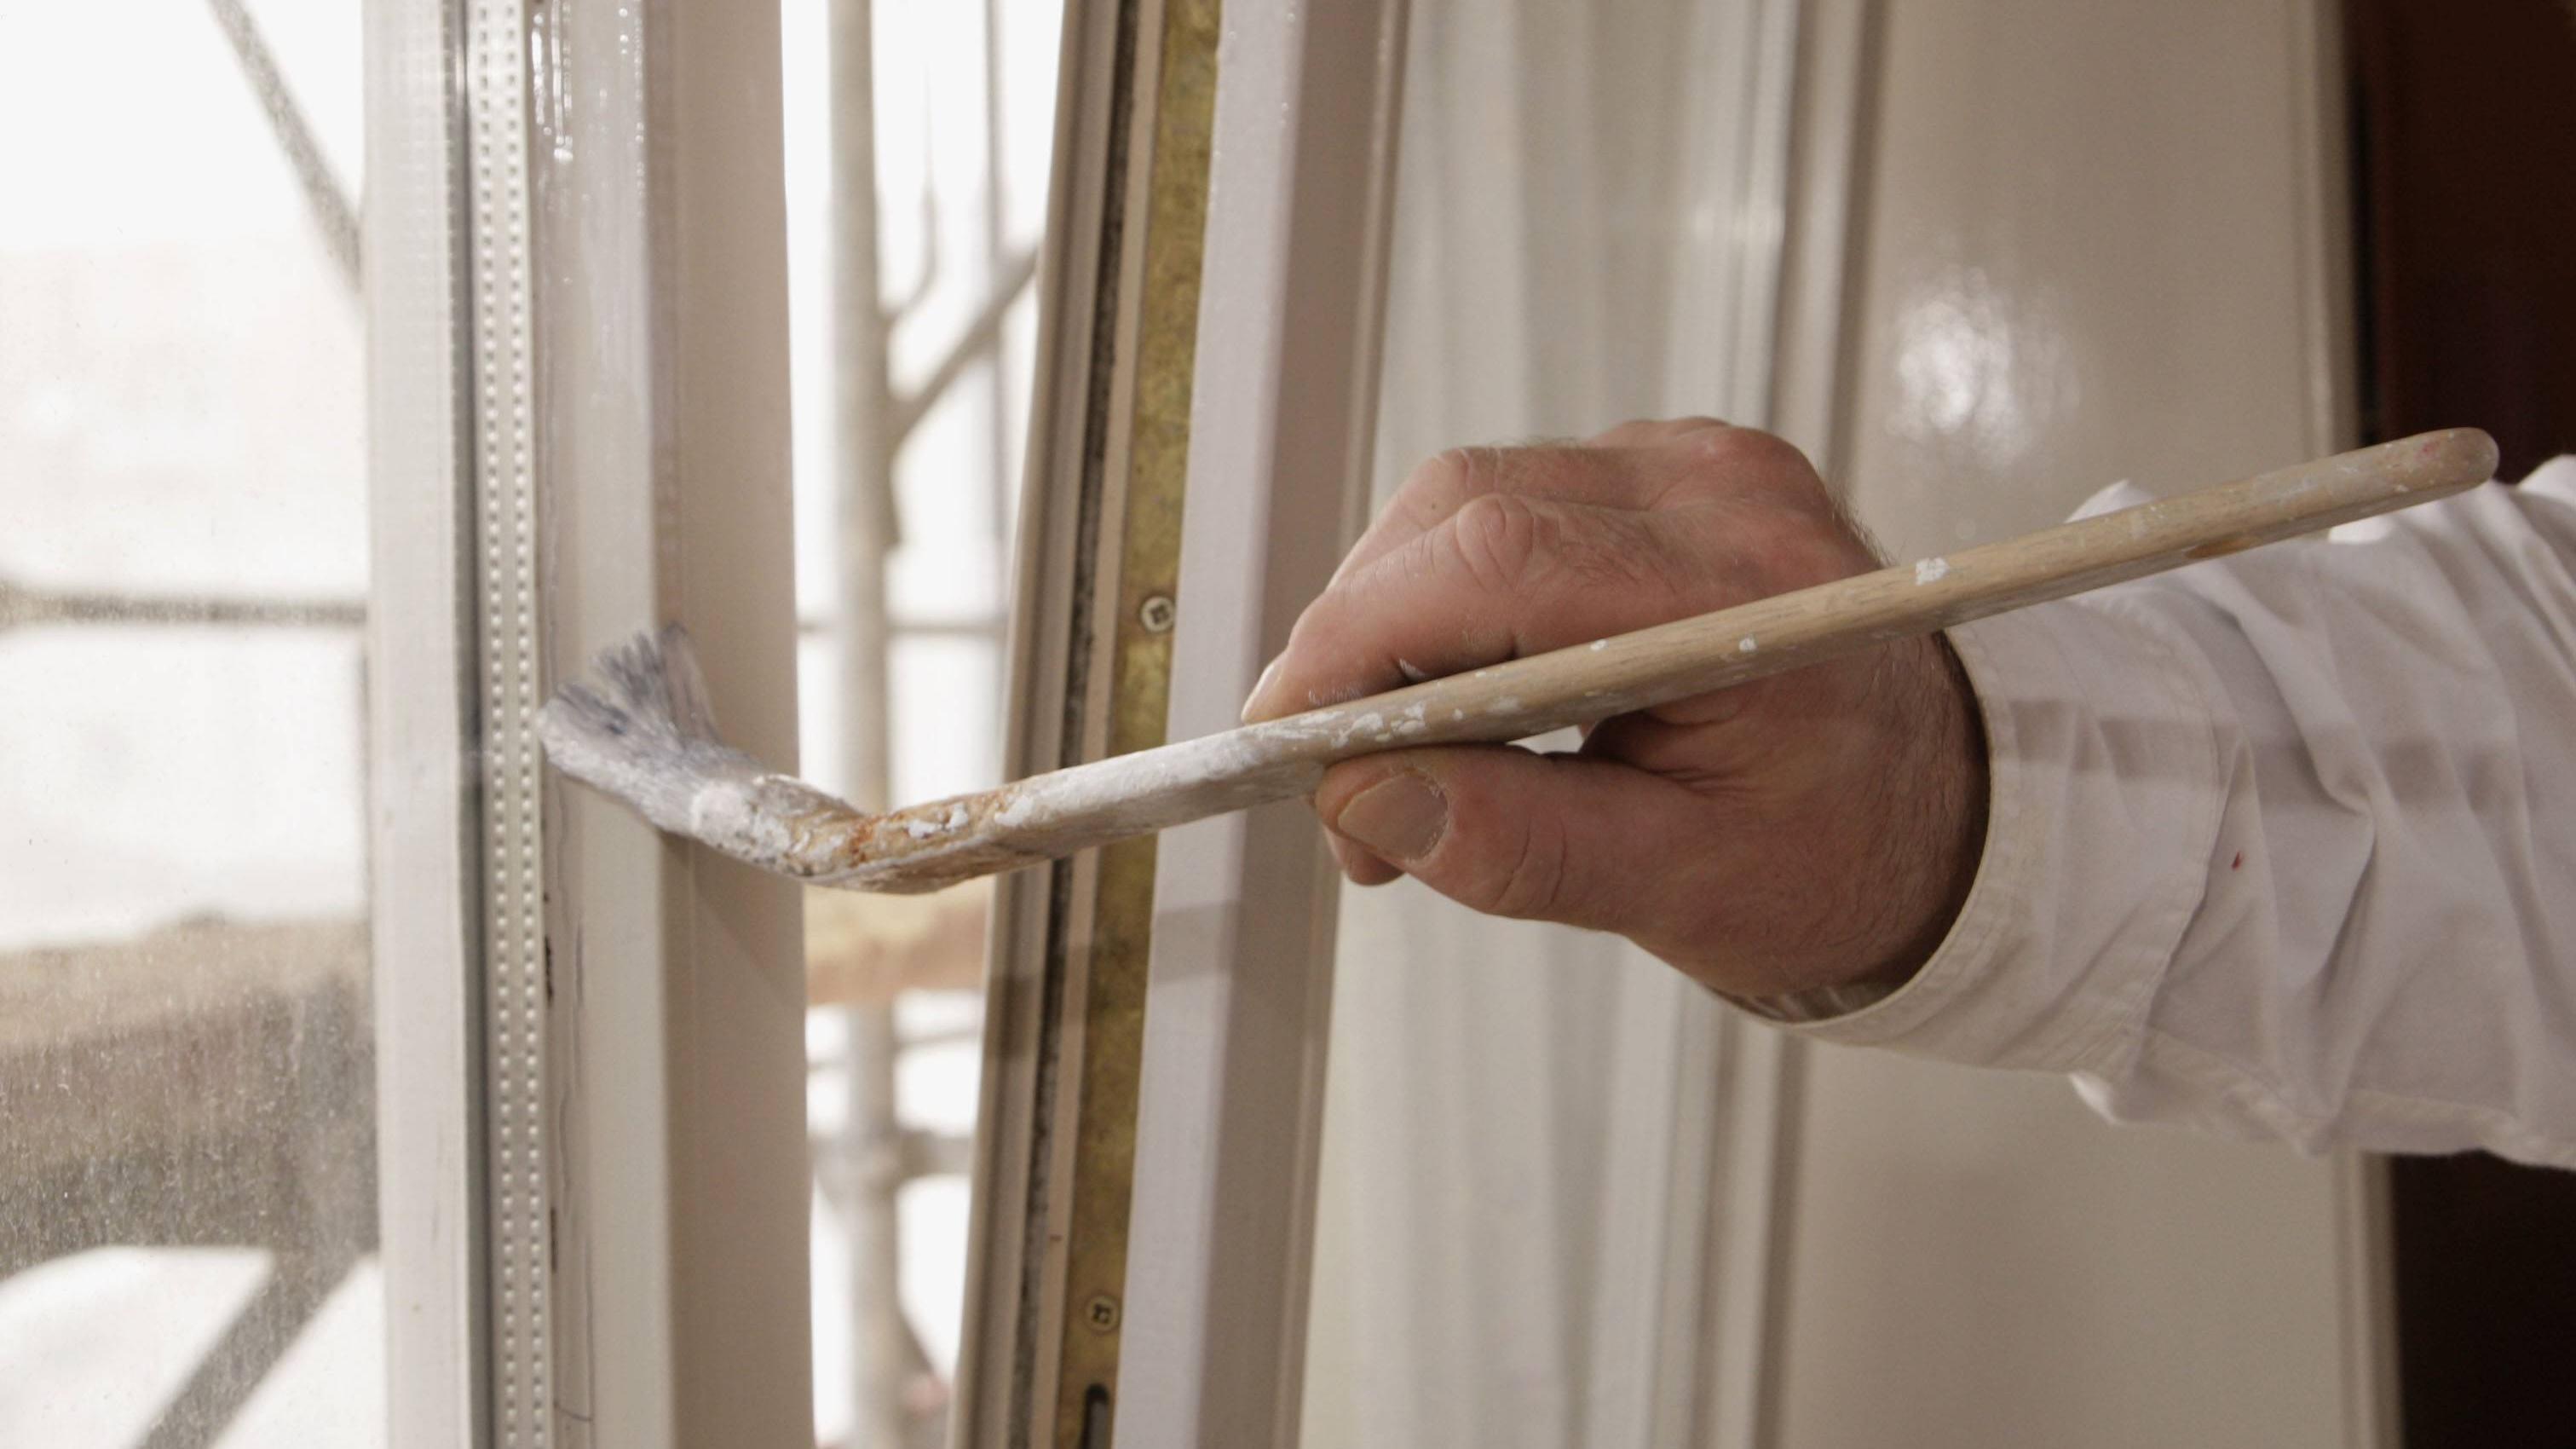 Fensterlaibung streichen: Das sollten Sie beachten